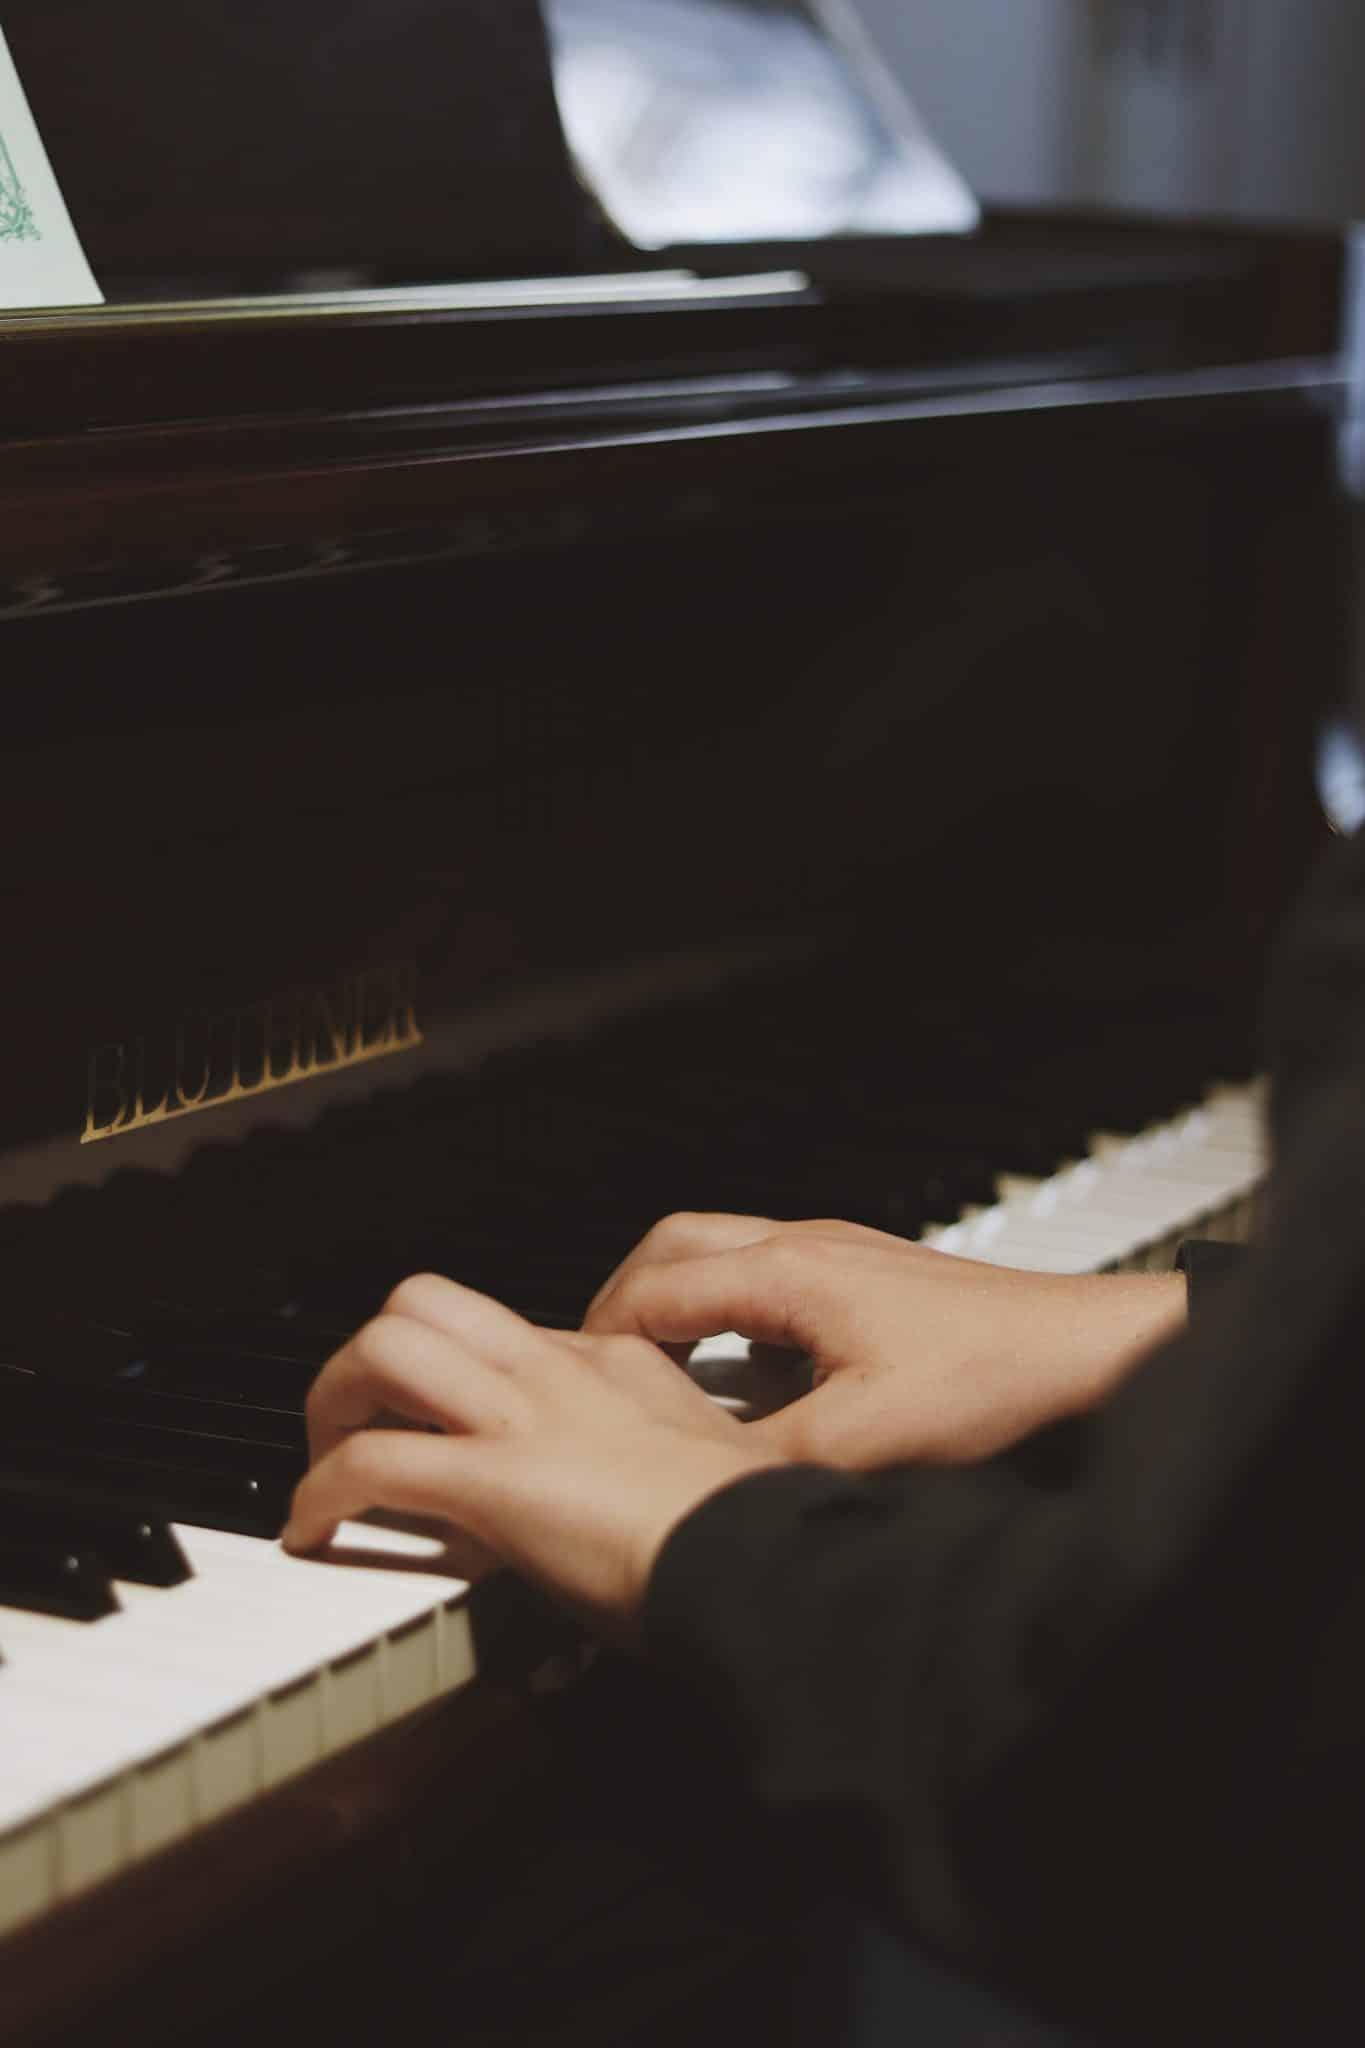 escola musica piano